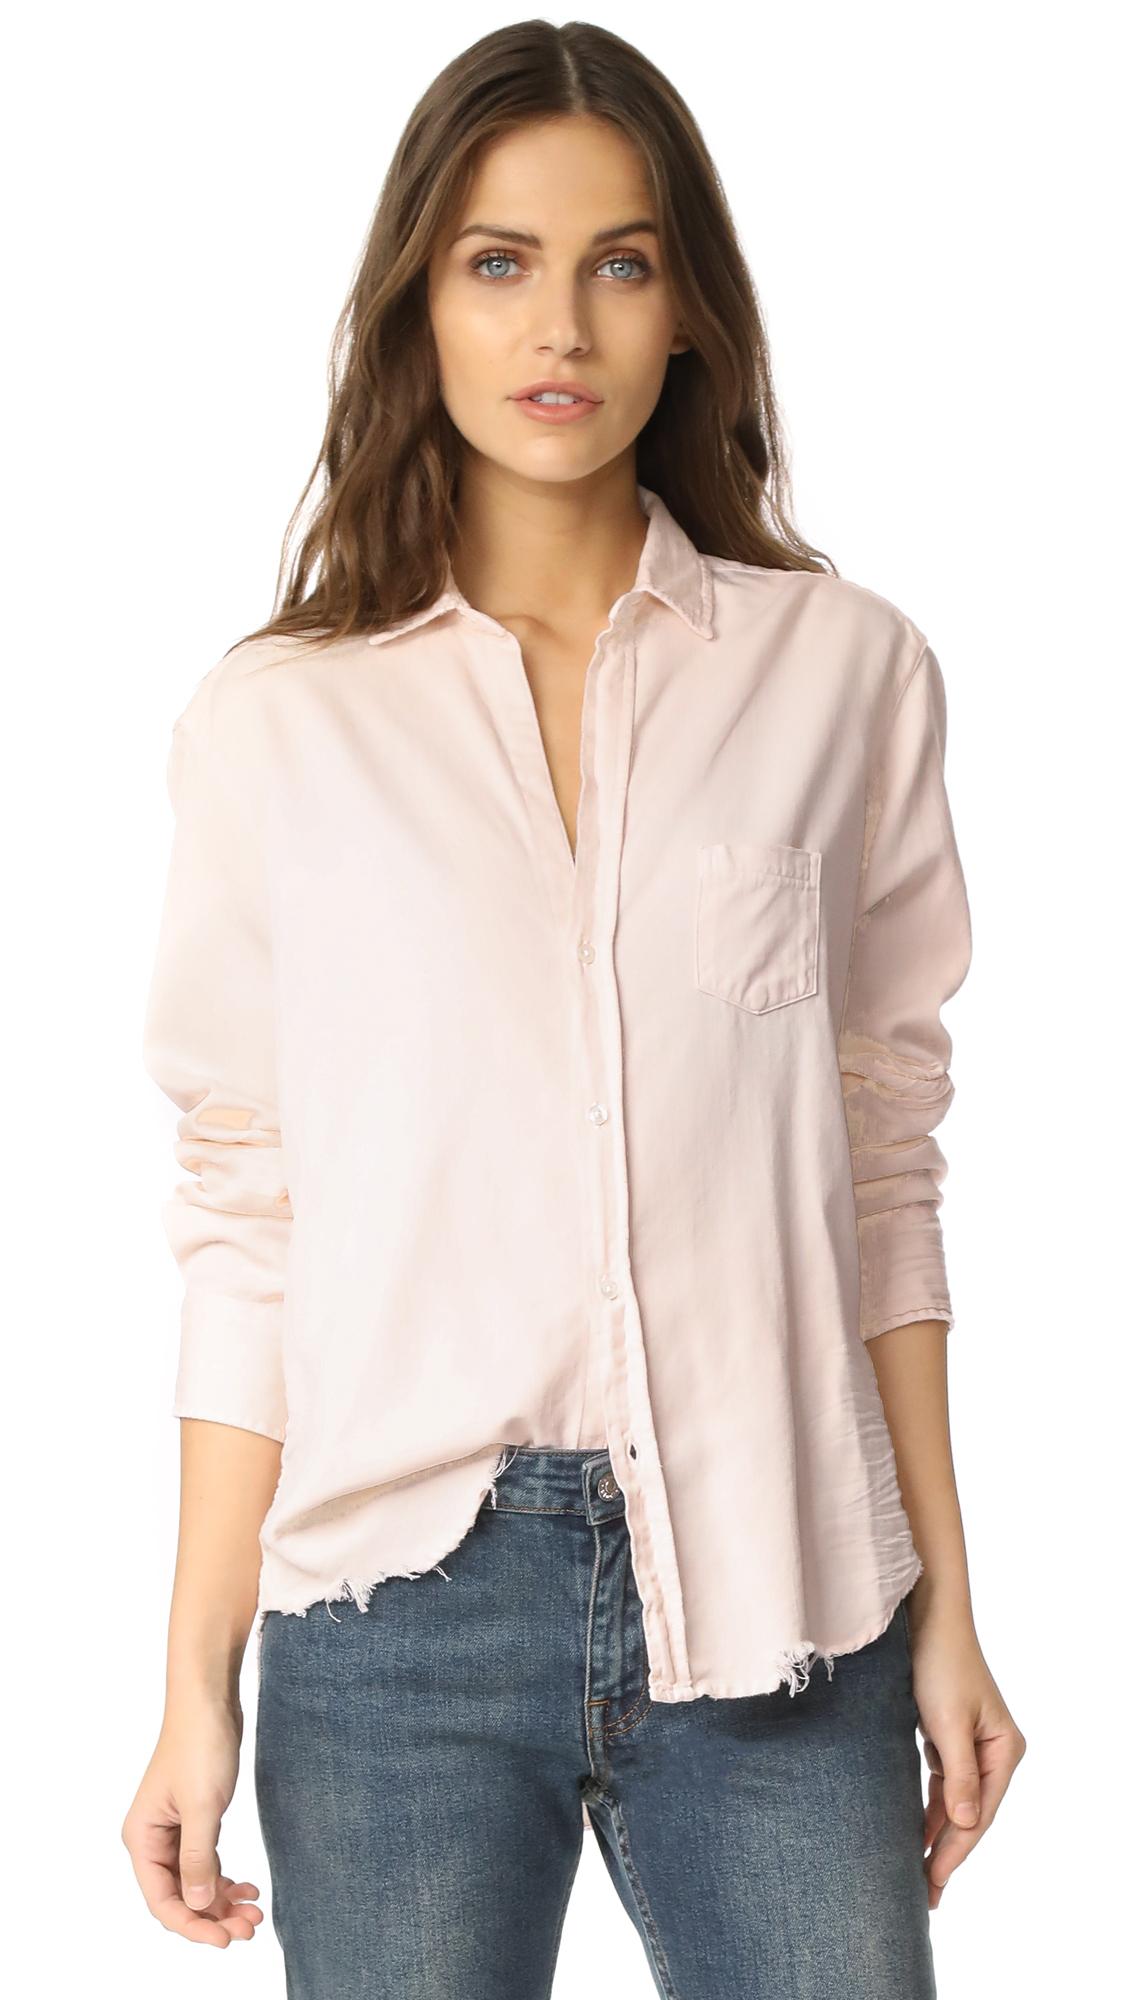 Frank Eileen Eileen Shirt Shopbop